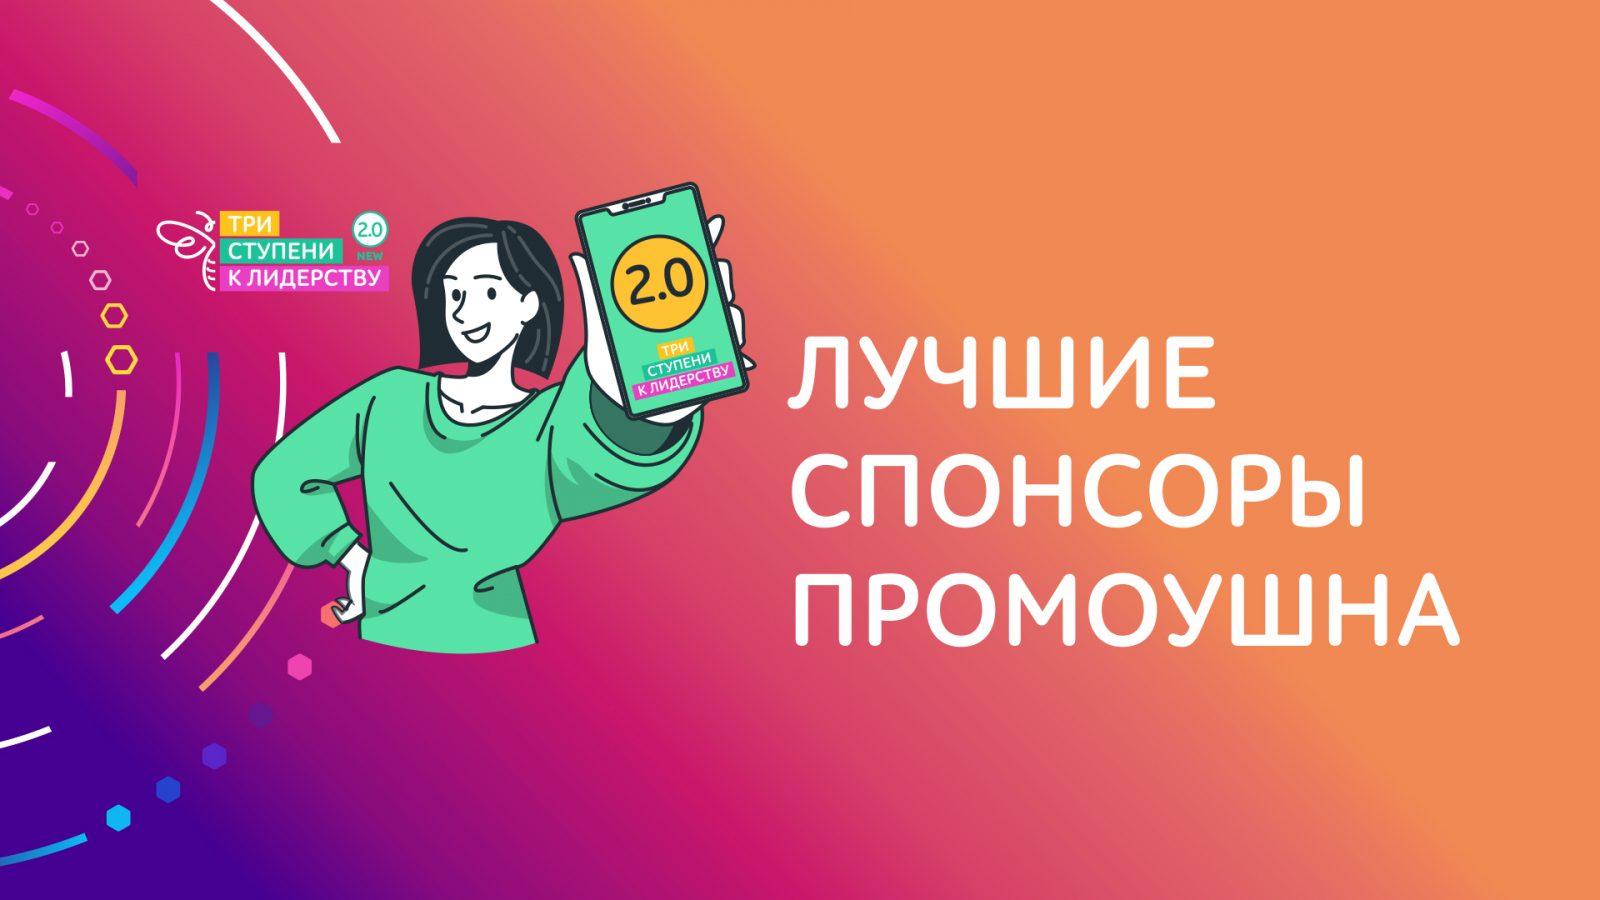 new_Итоги_промоушна_2_0_ProДвижение_1920х